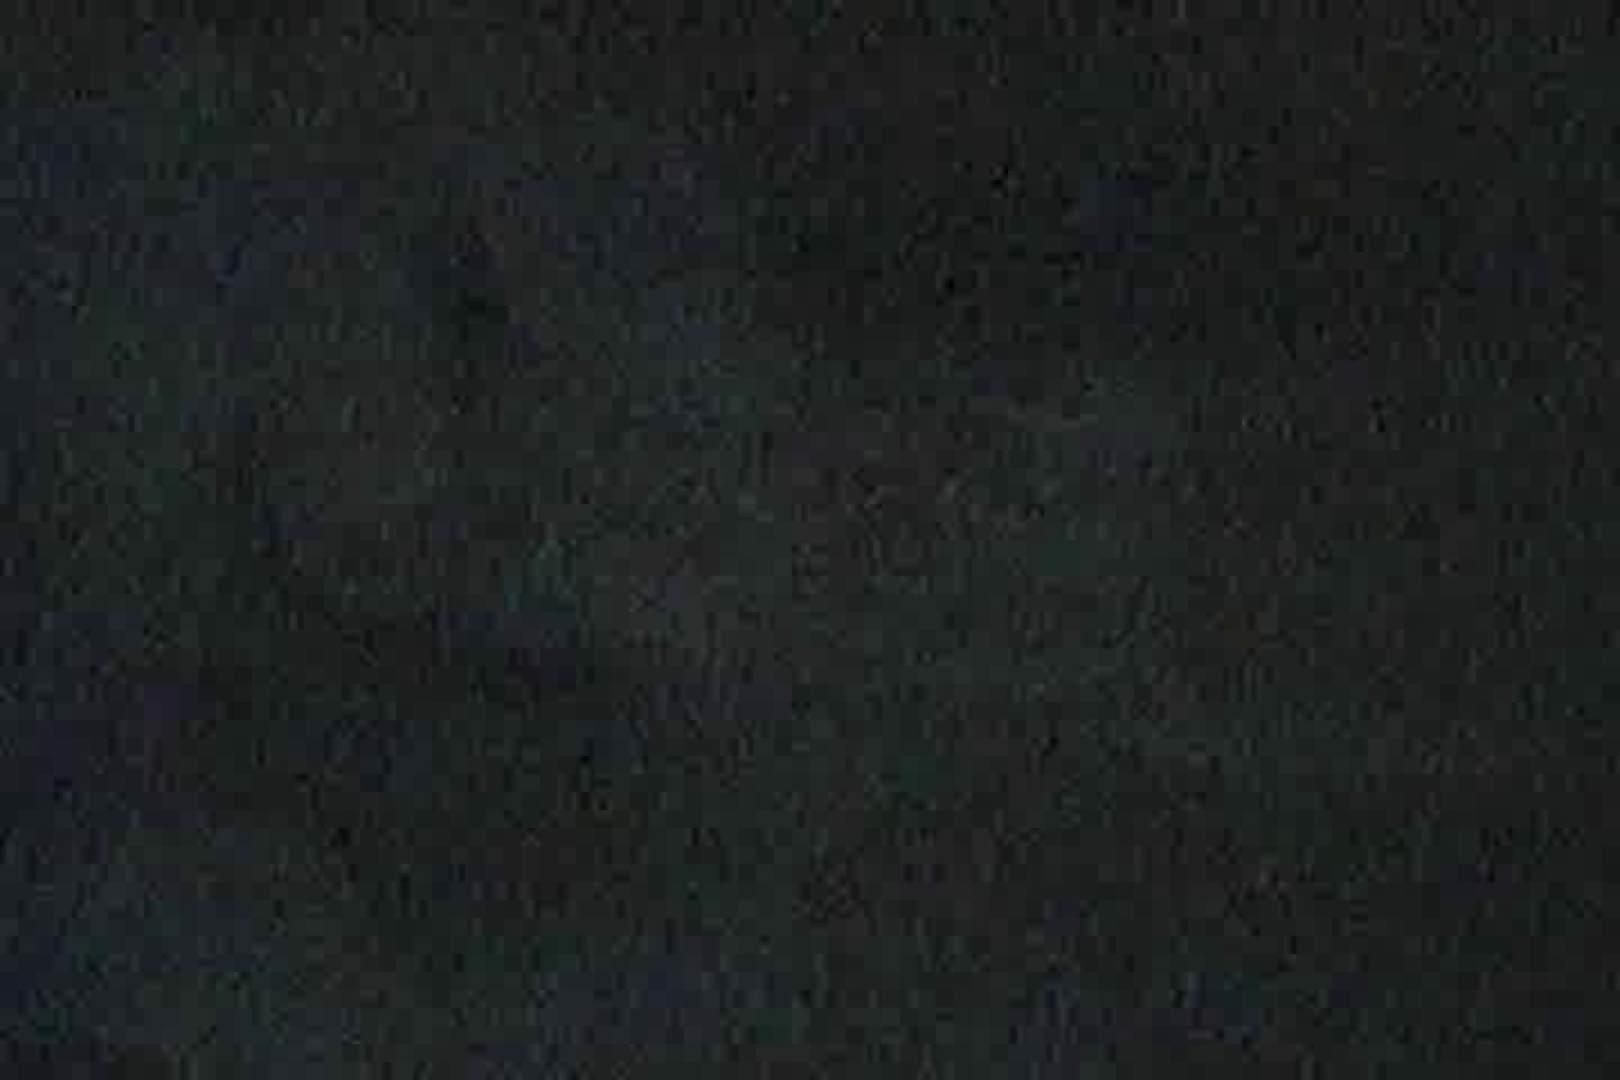 充血監督の深夜の運動会Vol.8 チクビ  98枚 72